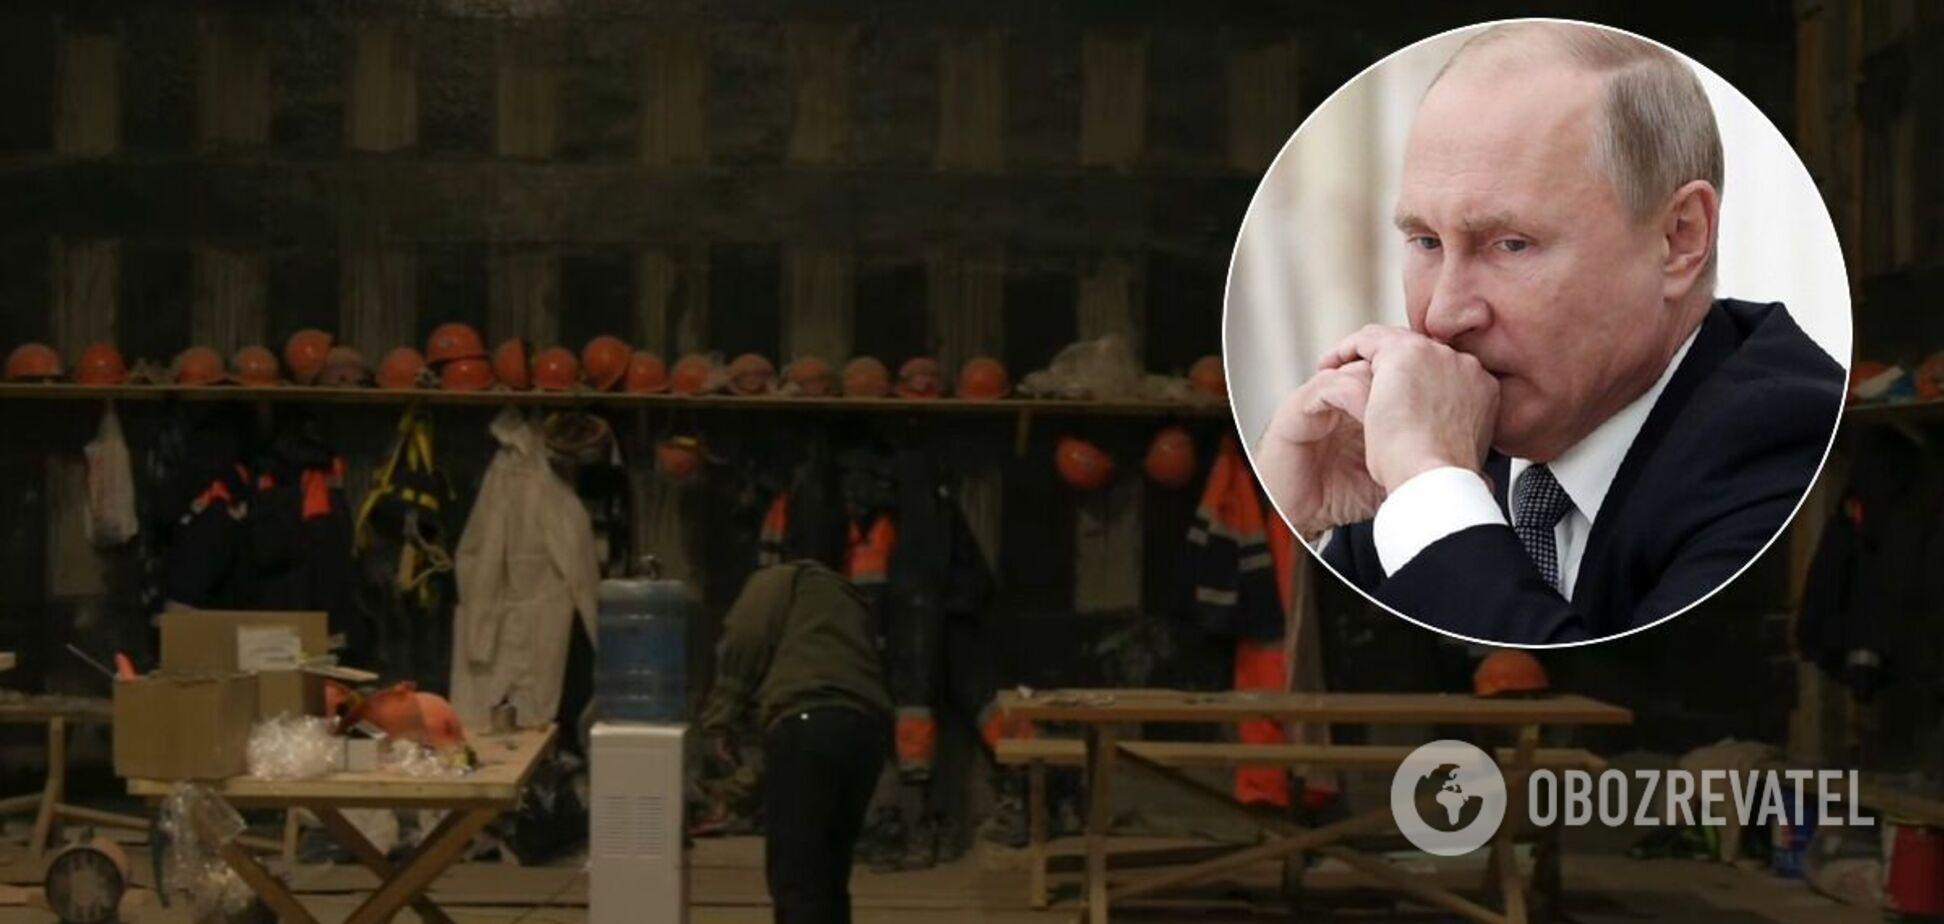 'Кремлевское' СМИ выдало дворец Путина за скромную стройку. Видео